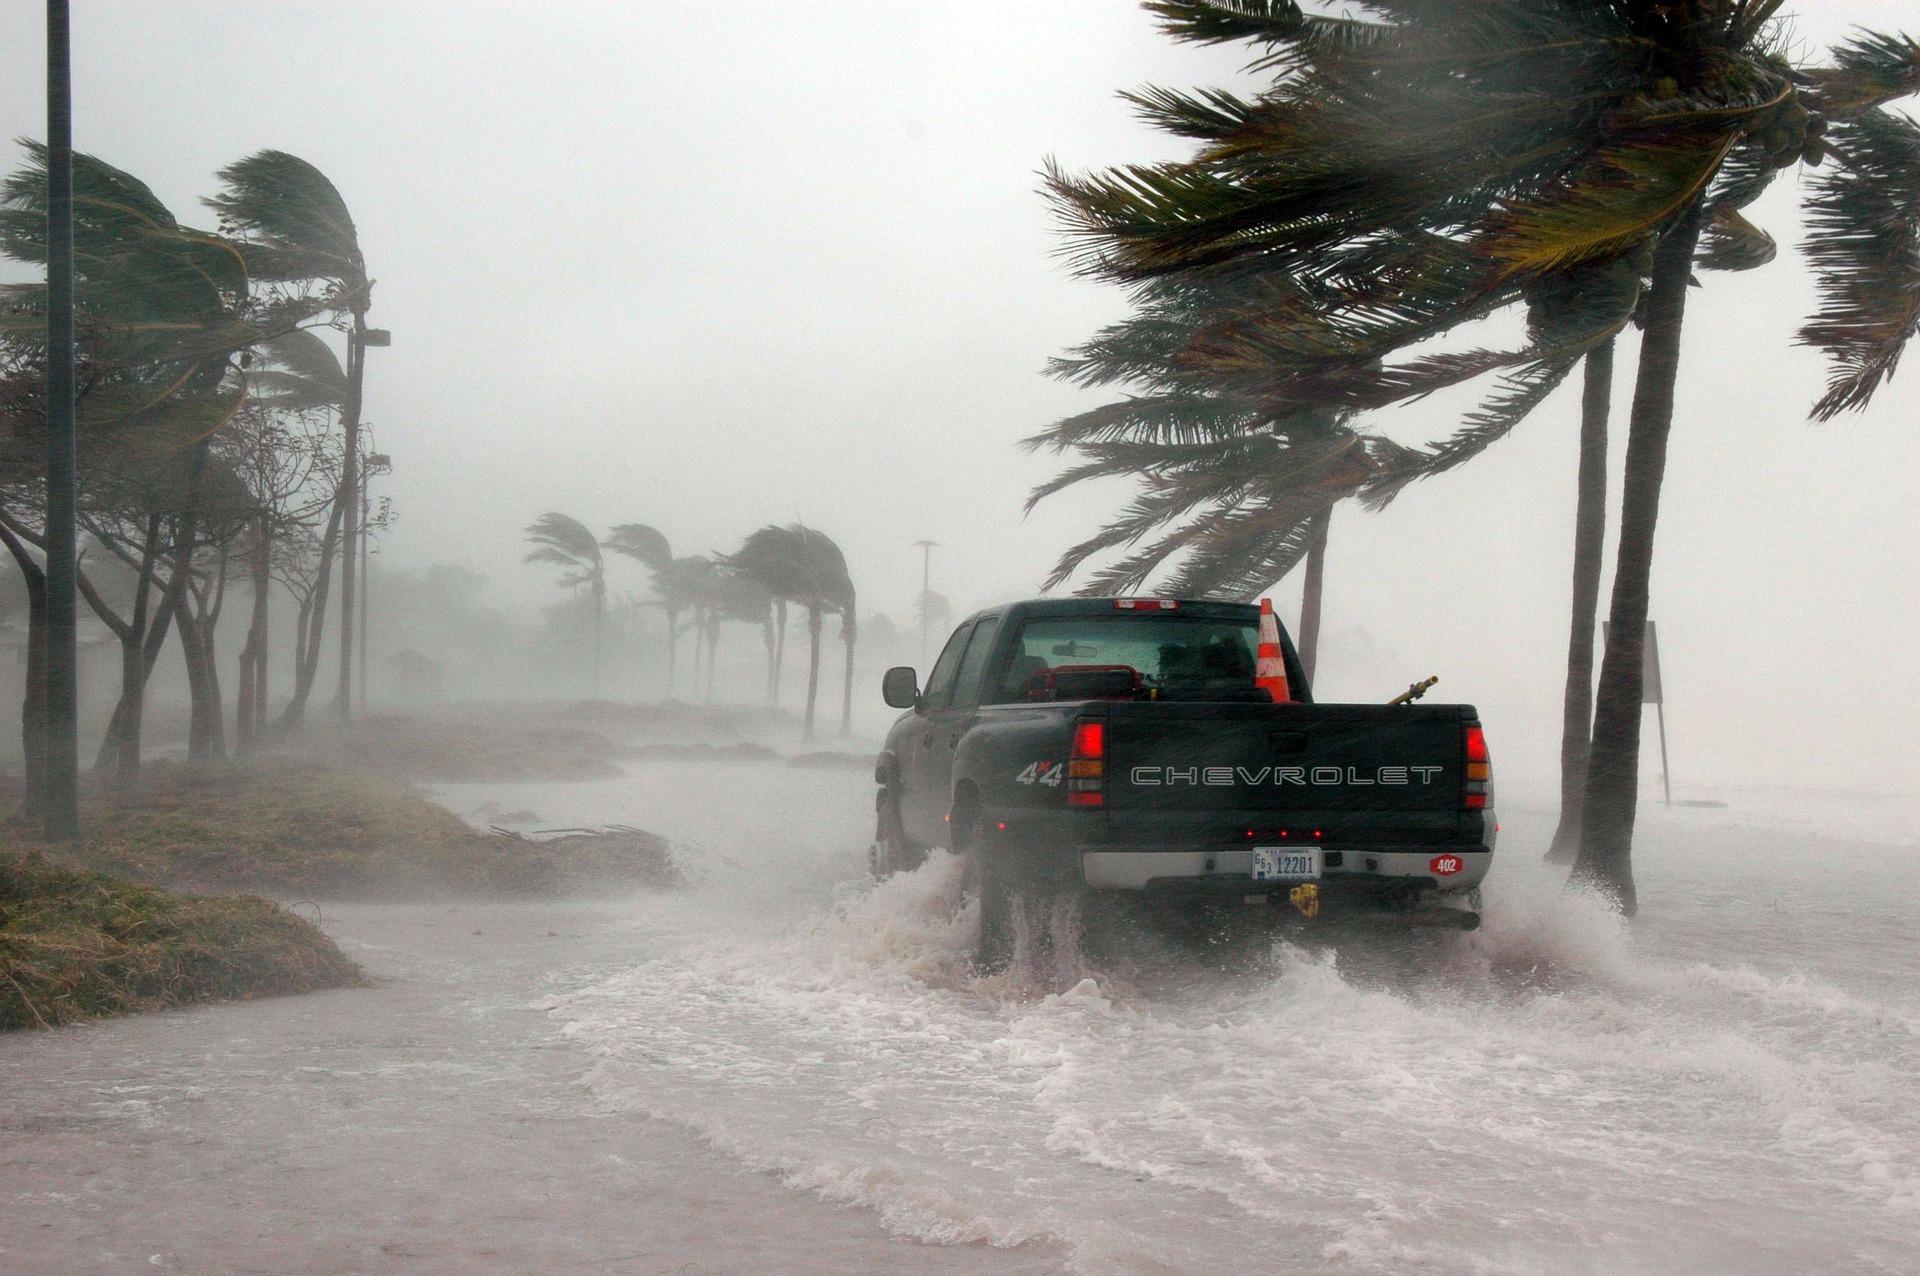 Foto do carro em meio a uma tempestade. Imagem ilustrativa para o texto seguro contra intempéries.